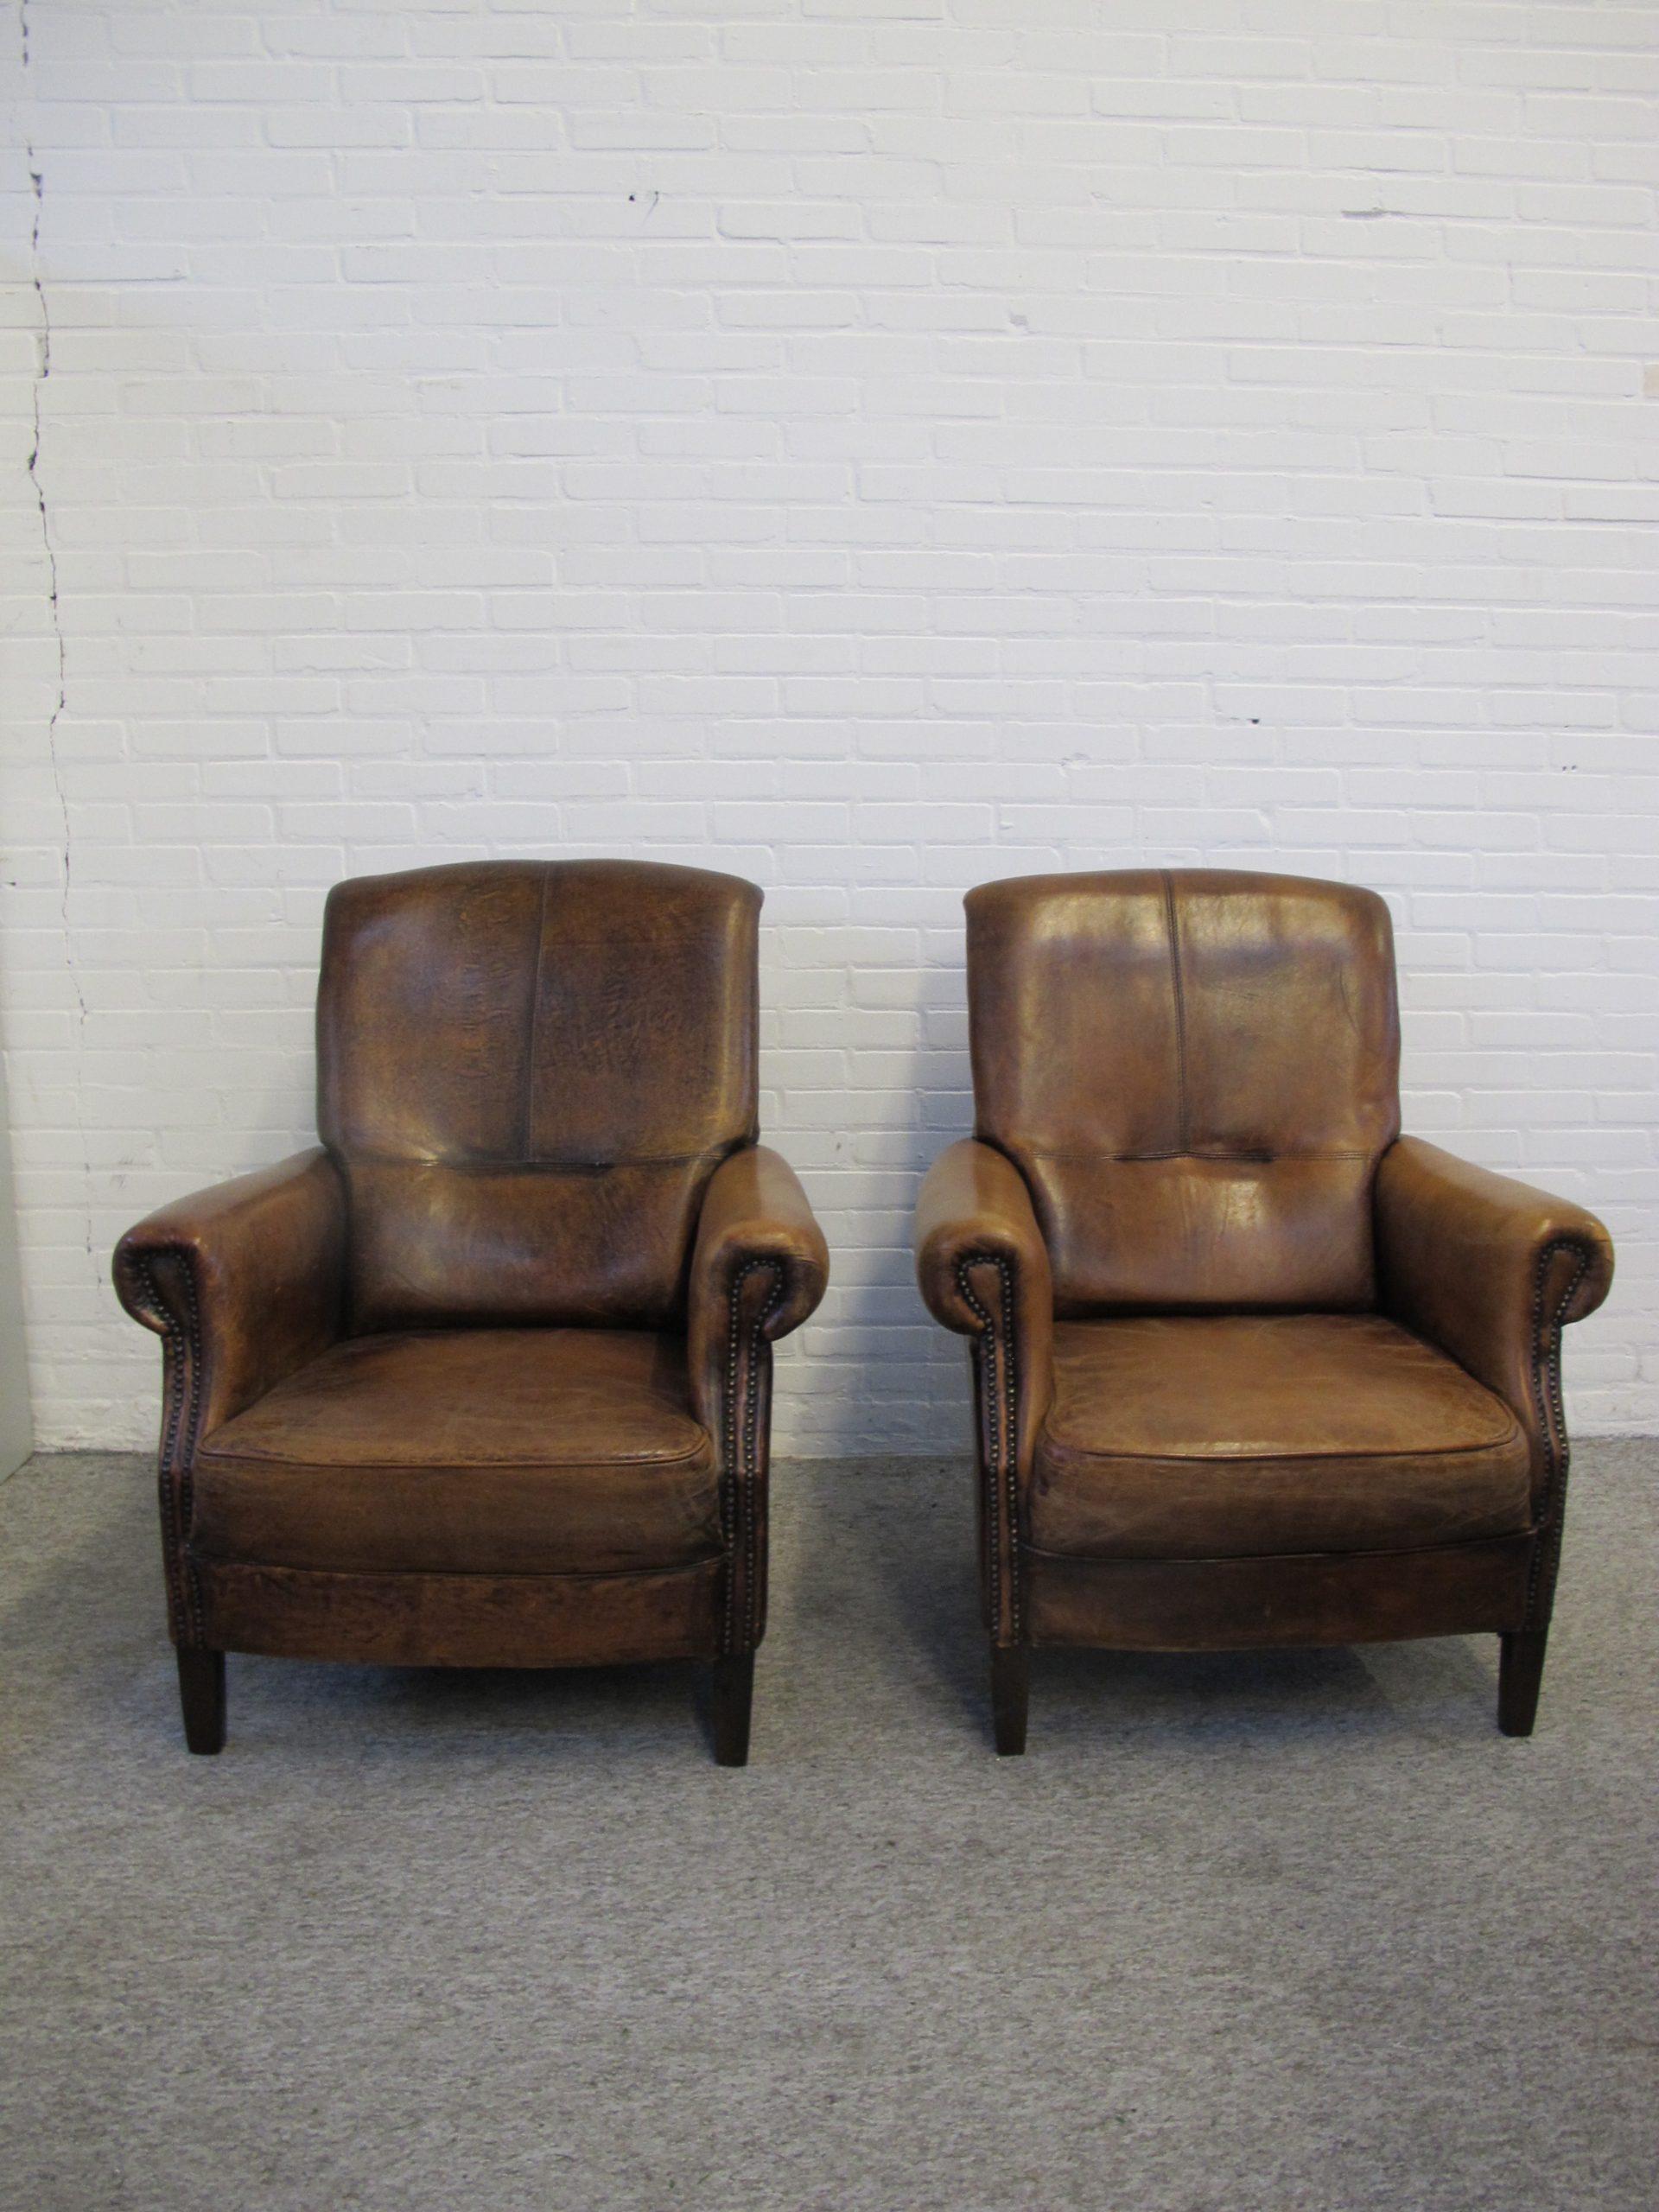 fauteuil lounge chair schapen lederen sheep leather vintage midcentury